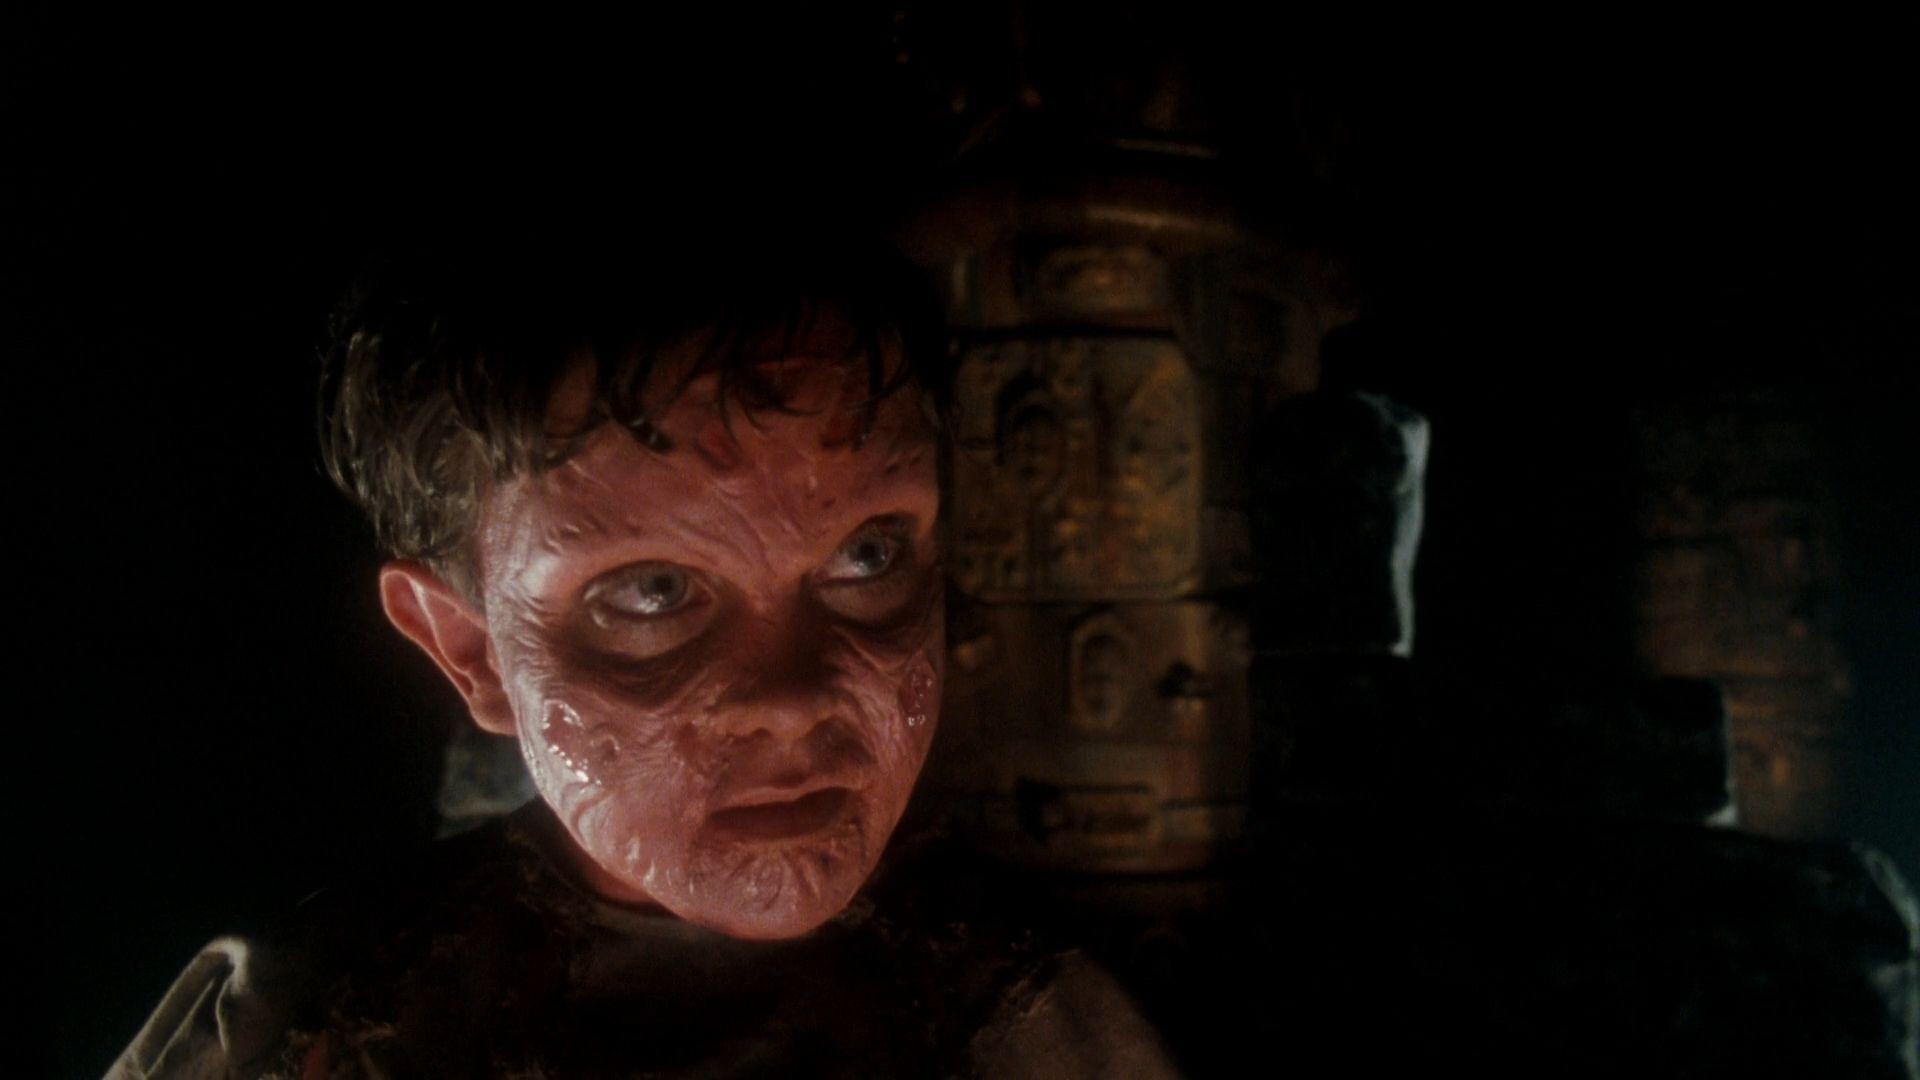 Фредди Крюгер пытается переродиться через сны ребенка в утробе(Кошмар на улице Вязов 5: Дитя сна, 1989)